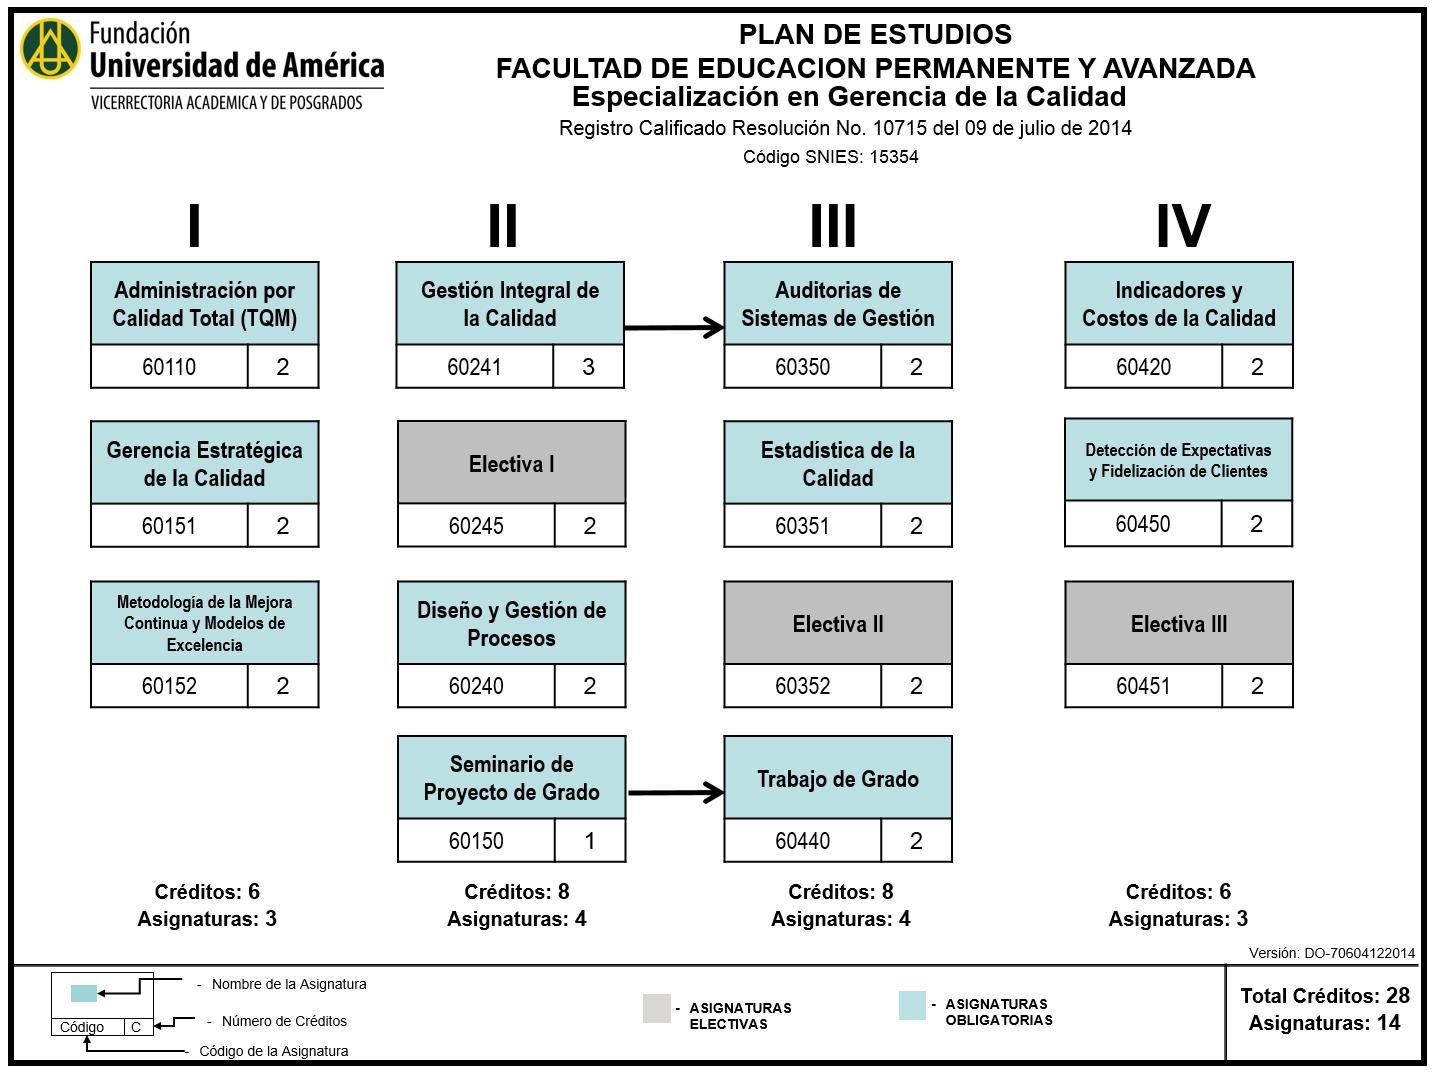 plan de estudios especializacion en gerencia de la calidad